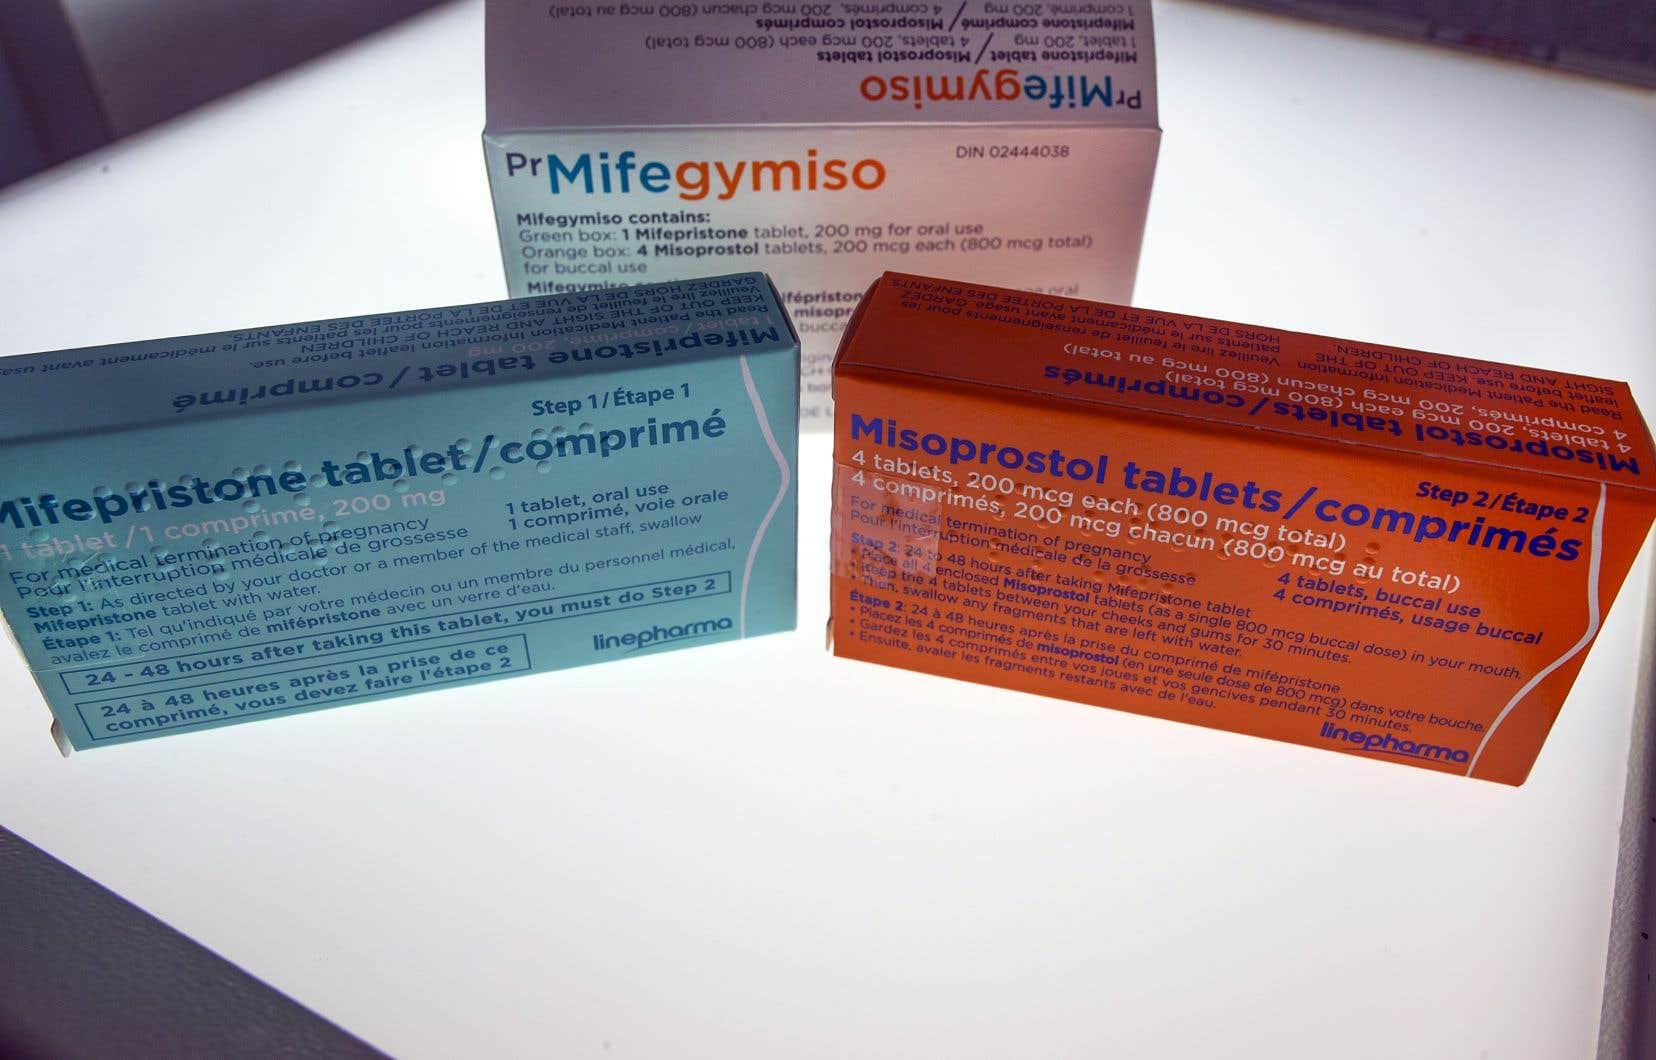 Le Collège des médecinsn'exigera pas des médecins qui veulent prescrire le Mifegymiso qu'ils soient également formés pour pratiquer des avortements chirurgicaux.